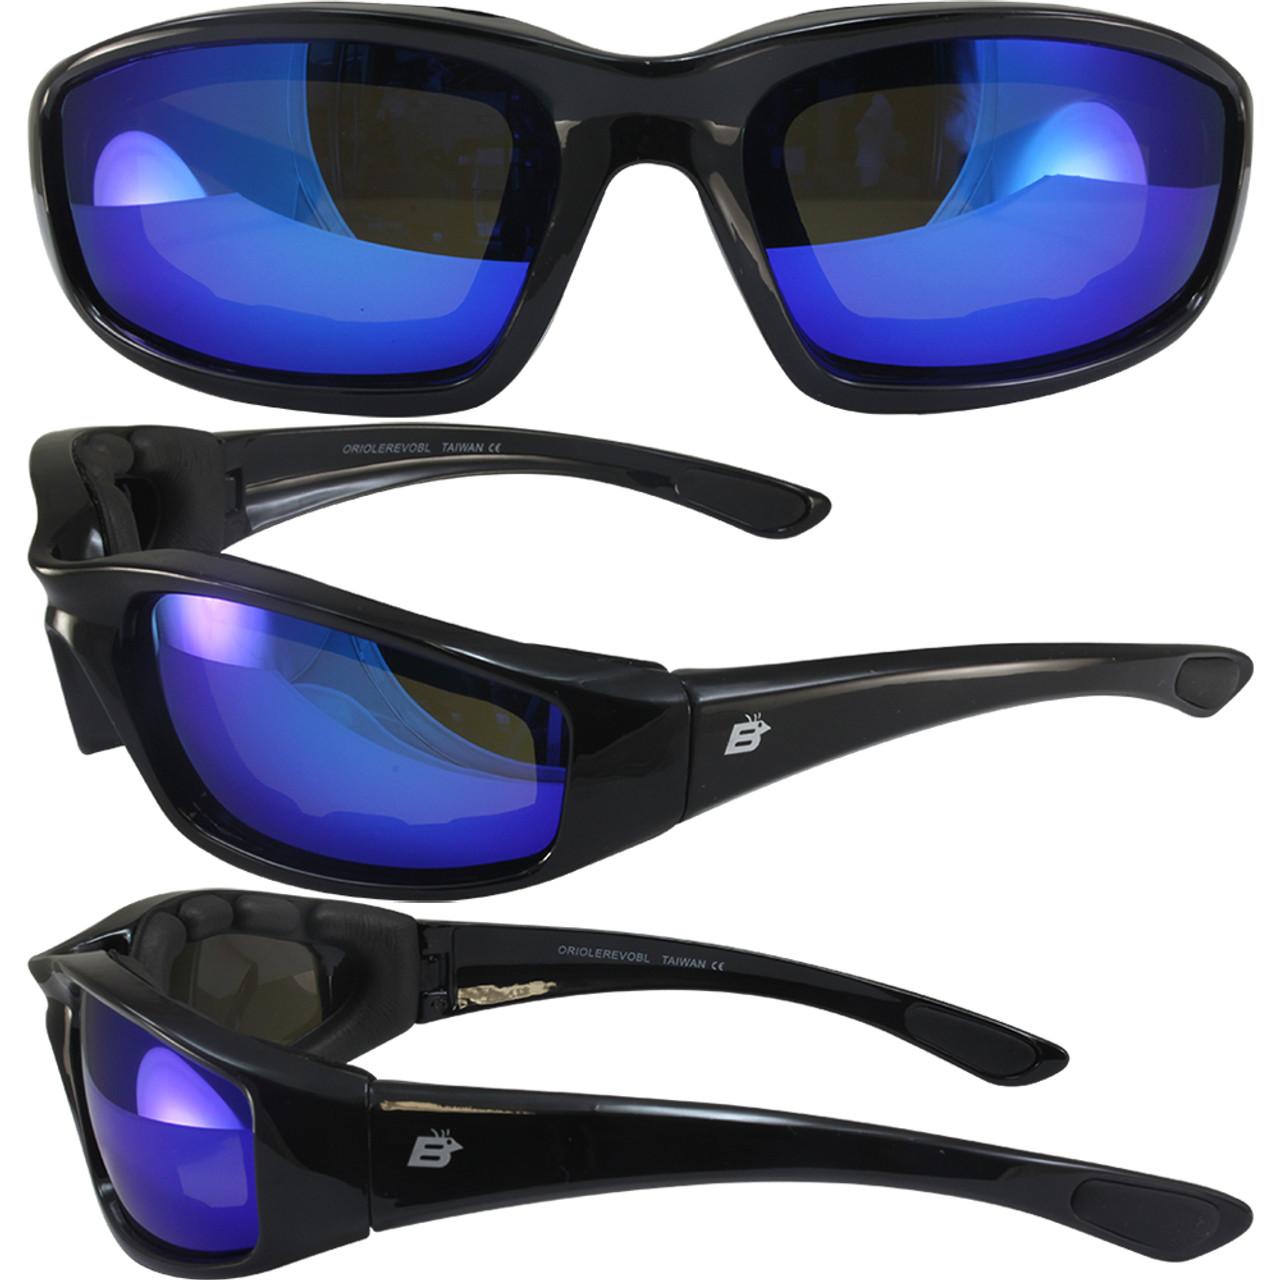 c3c9d5c673 Oriole Mirror - Birdz Eyewear